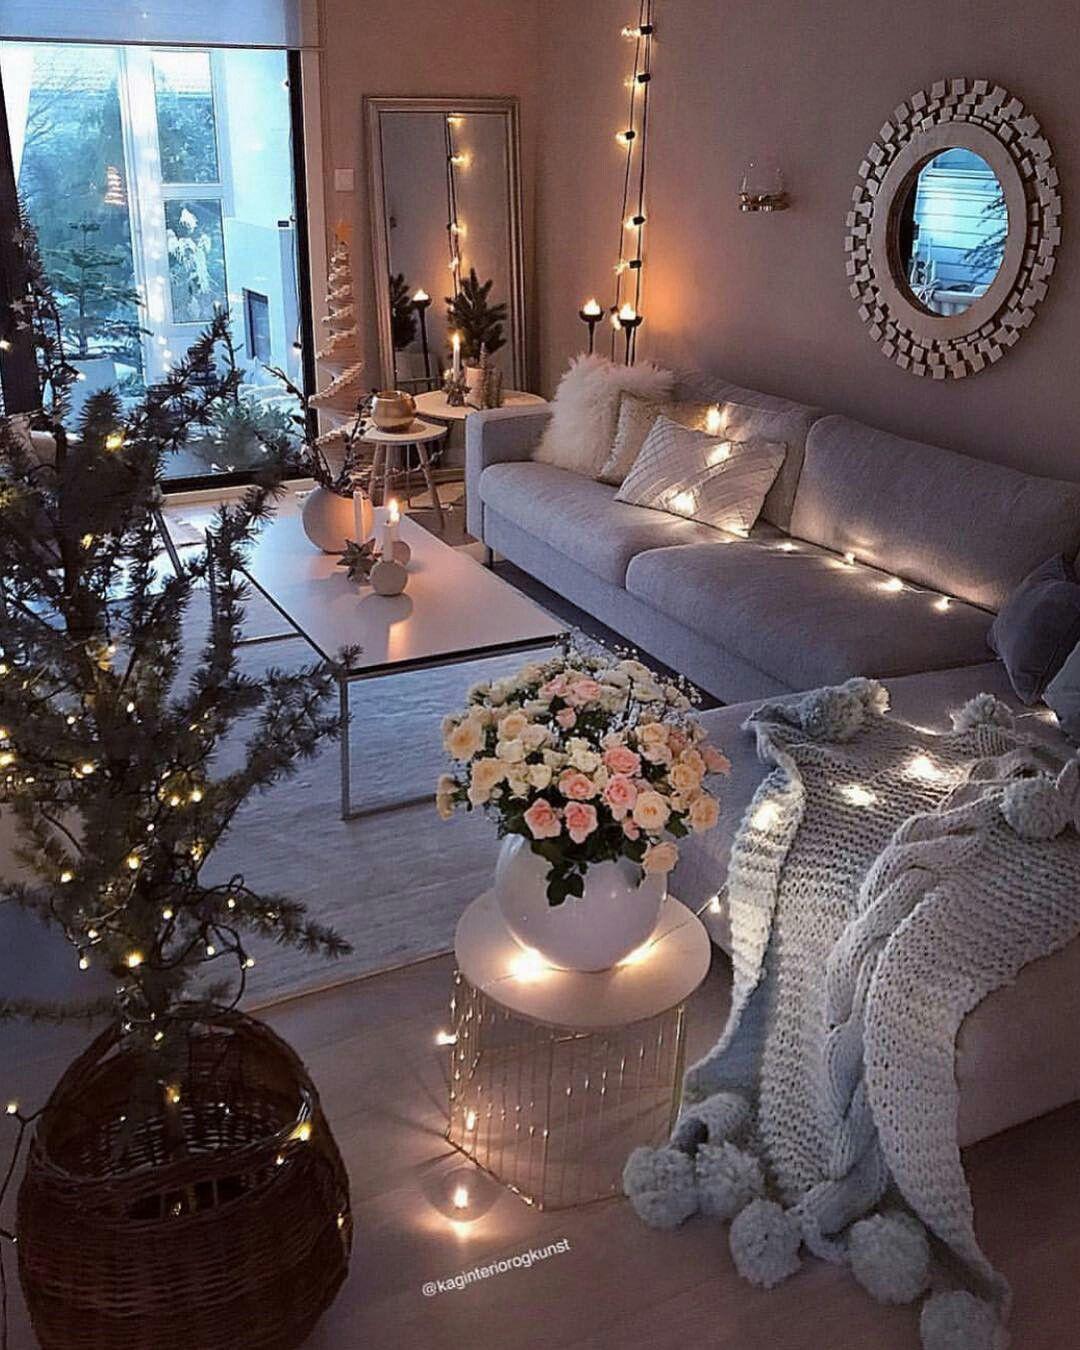 Decor Design Room Home Romantic Living Room Master Decor Living Room Decor Cozy